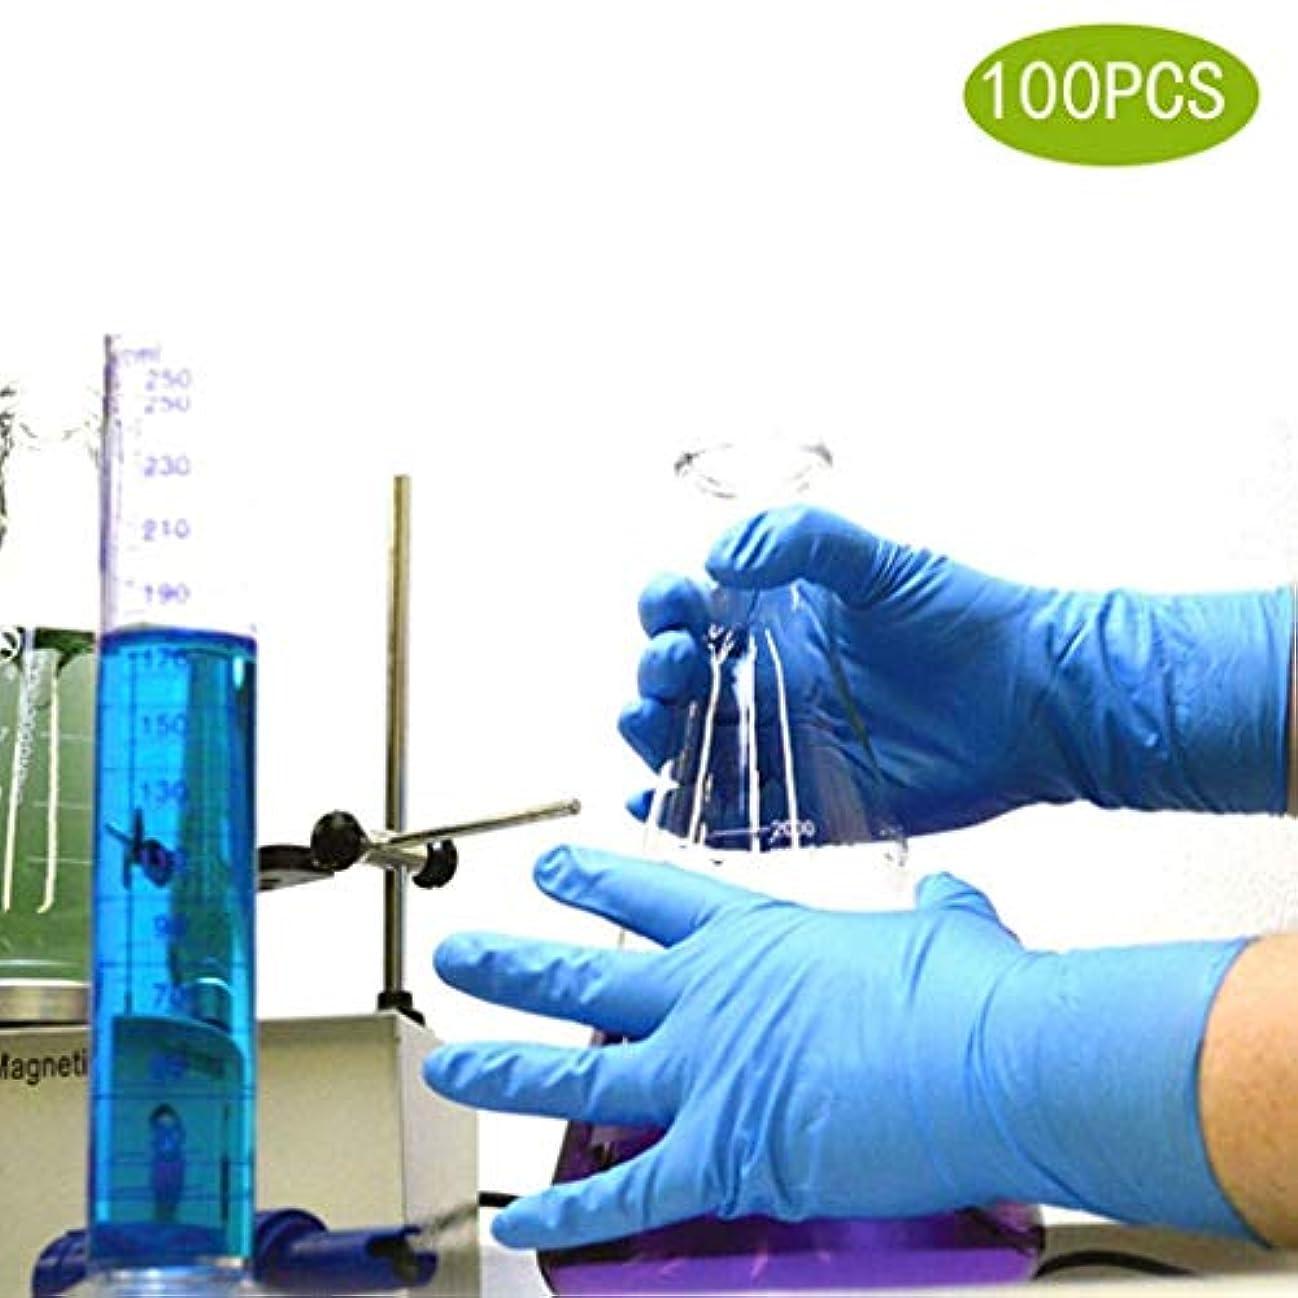 実装するインチリンクパウダーフリーニトリル検査用使い捨て手袋 - 医療用グレード、ラテックスフリー、4ミル、小、藍、100個入り (サイズ さいず : M m)